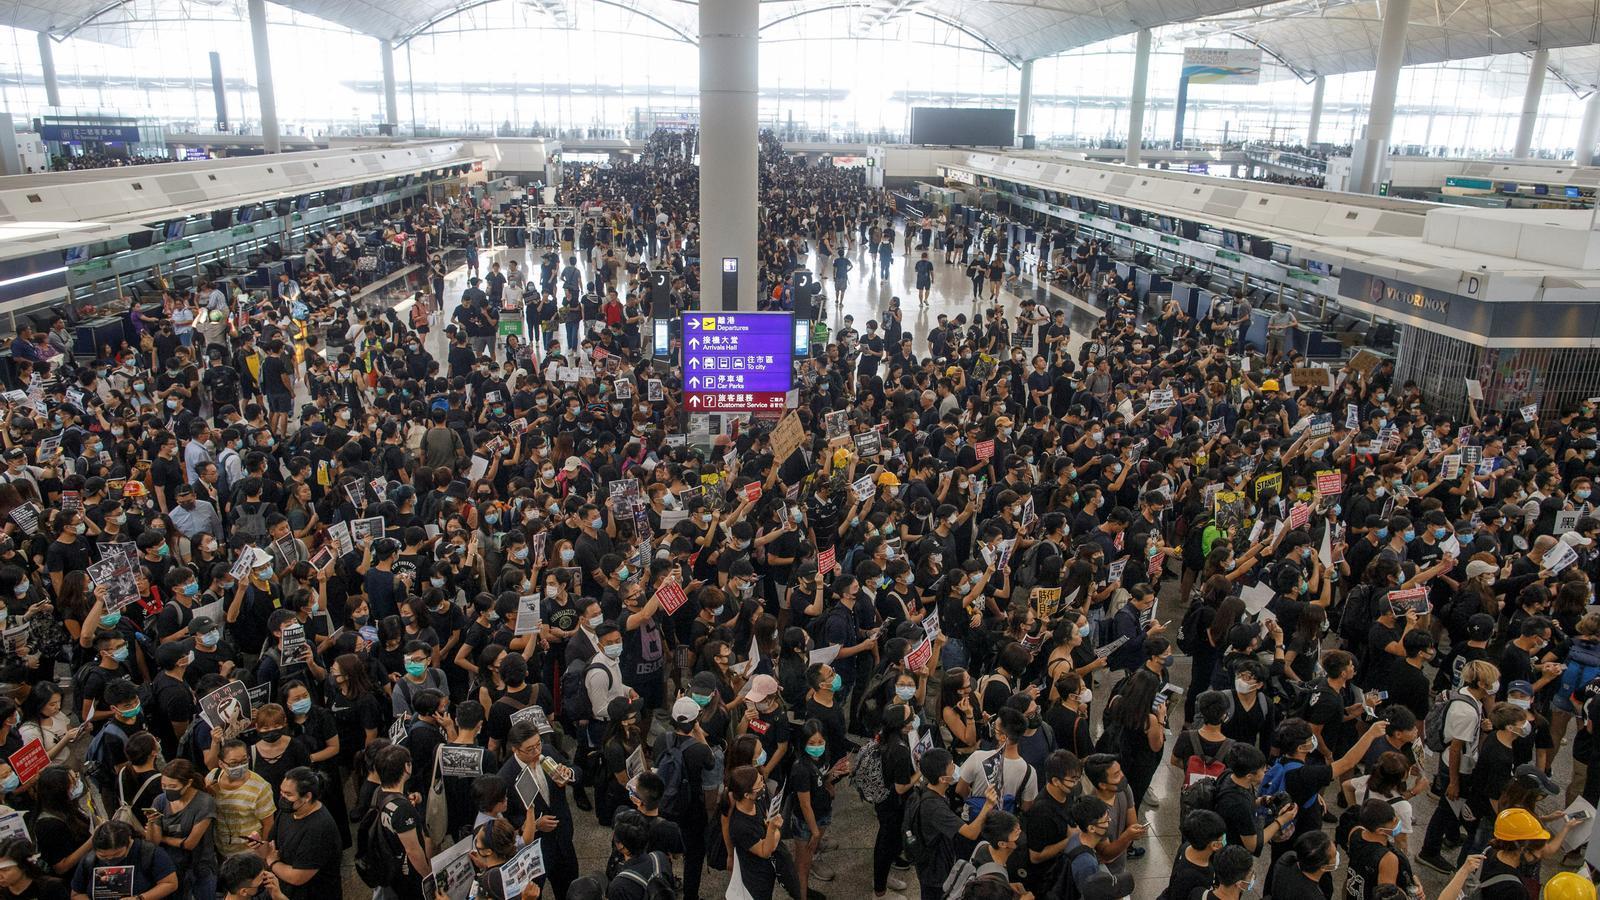 Hong Kong cancel·la tots els vols per les protestes